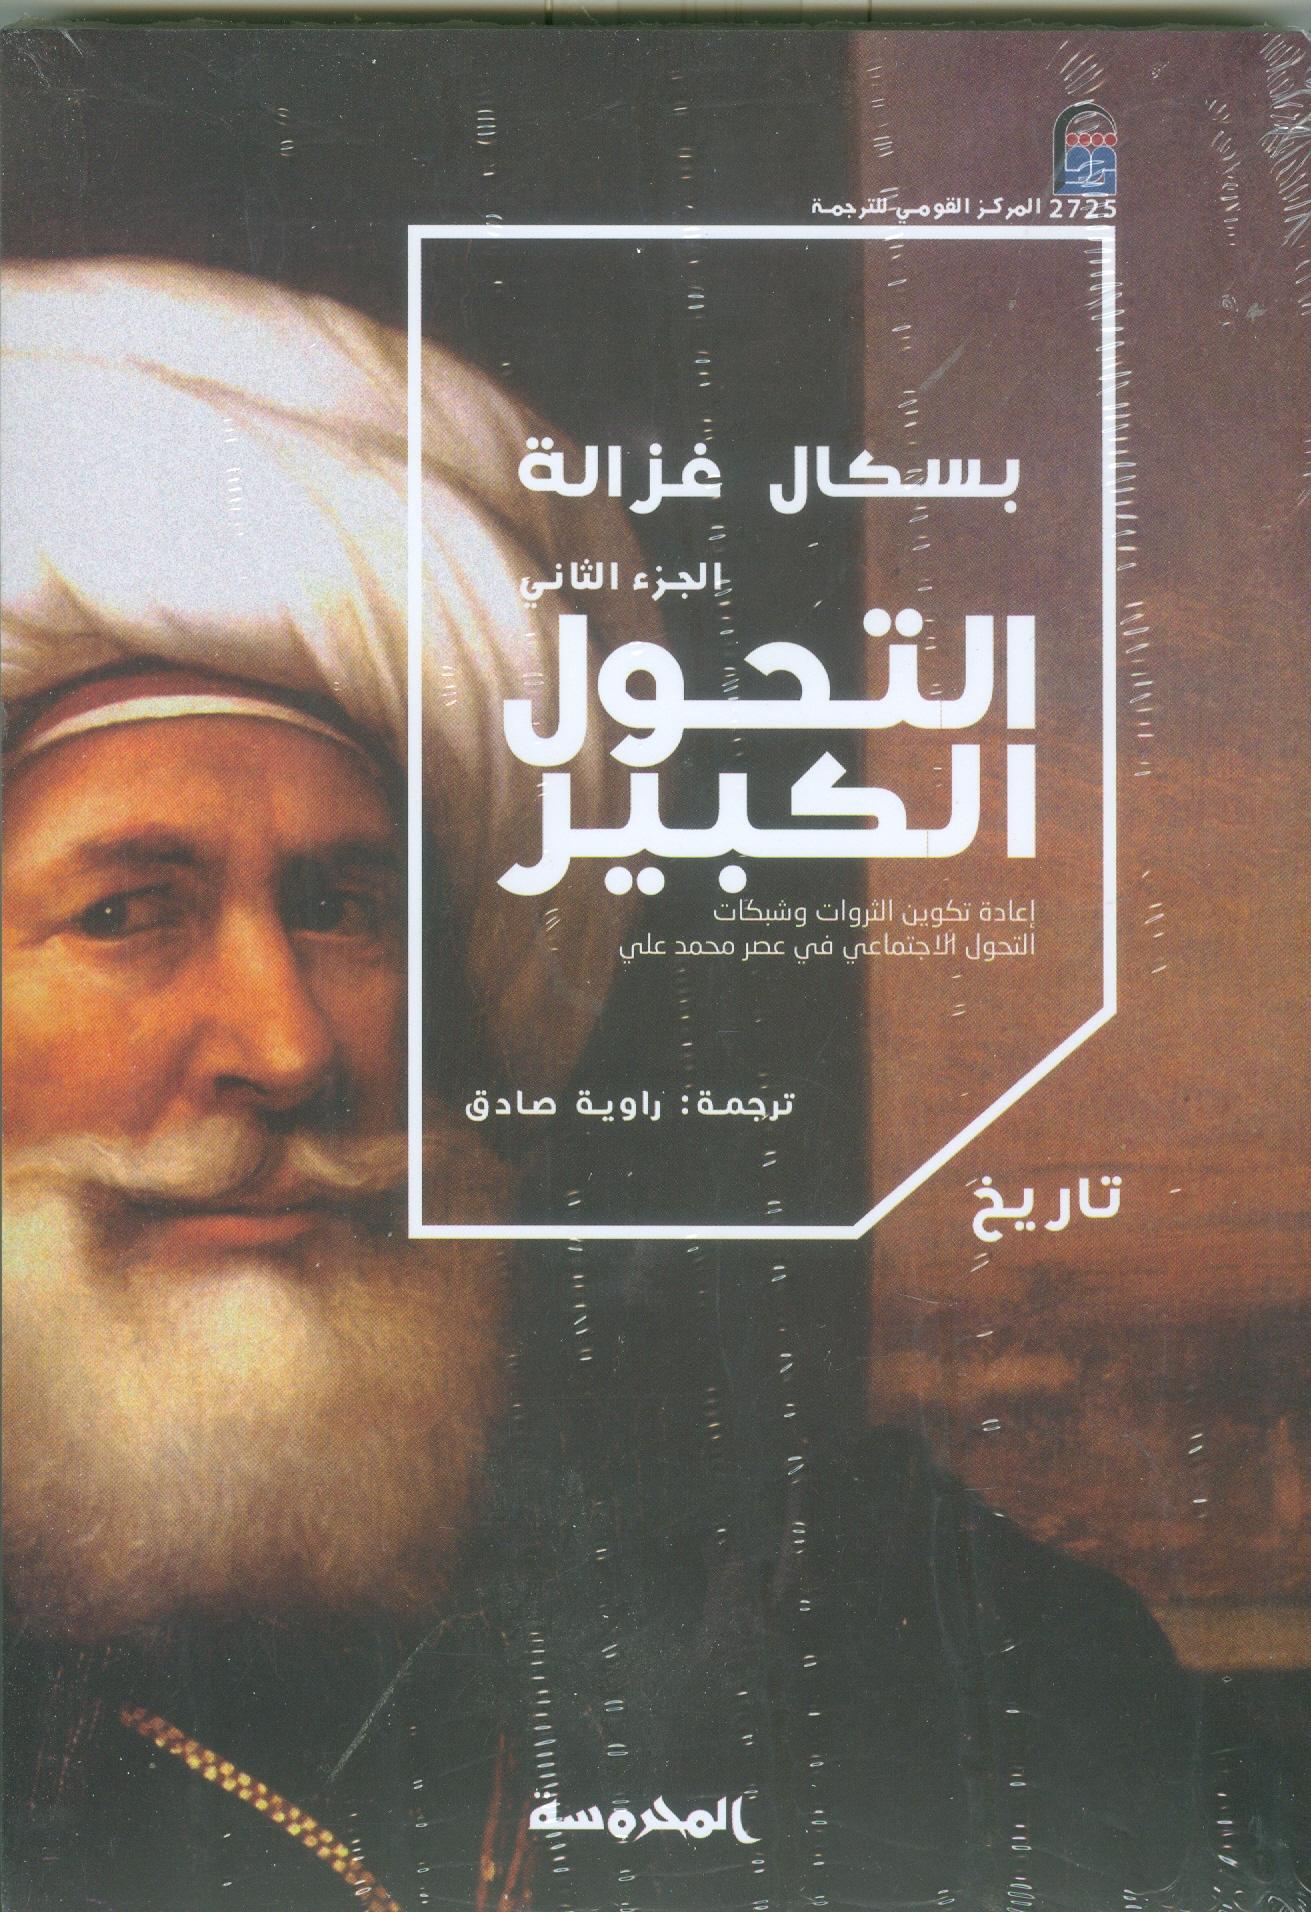 التحول الكبير إعادة تكوين الثروات وشبكات التحول الاجتماعى فى عصر محمد على